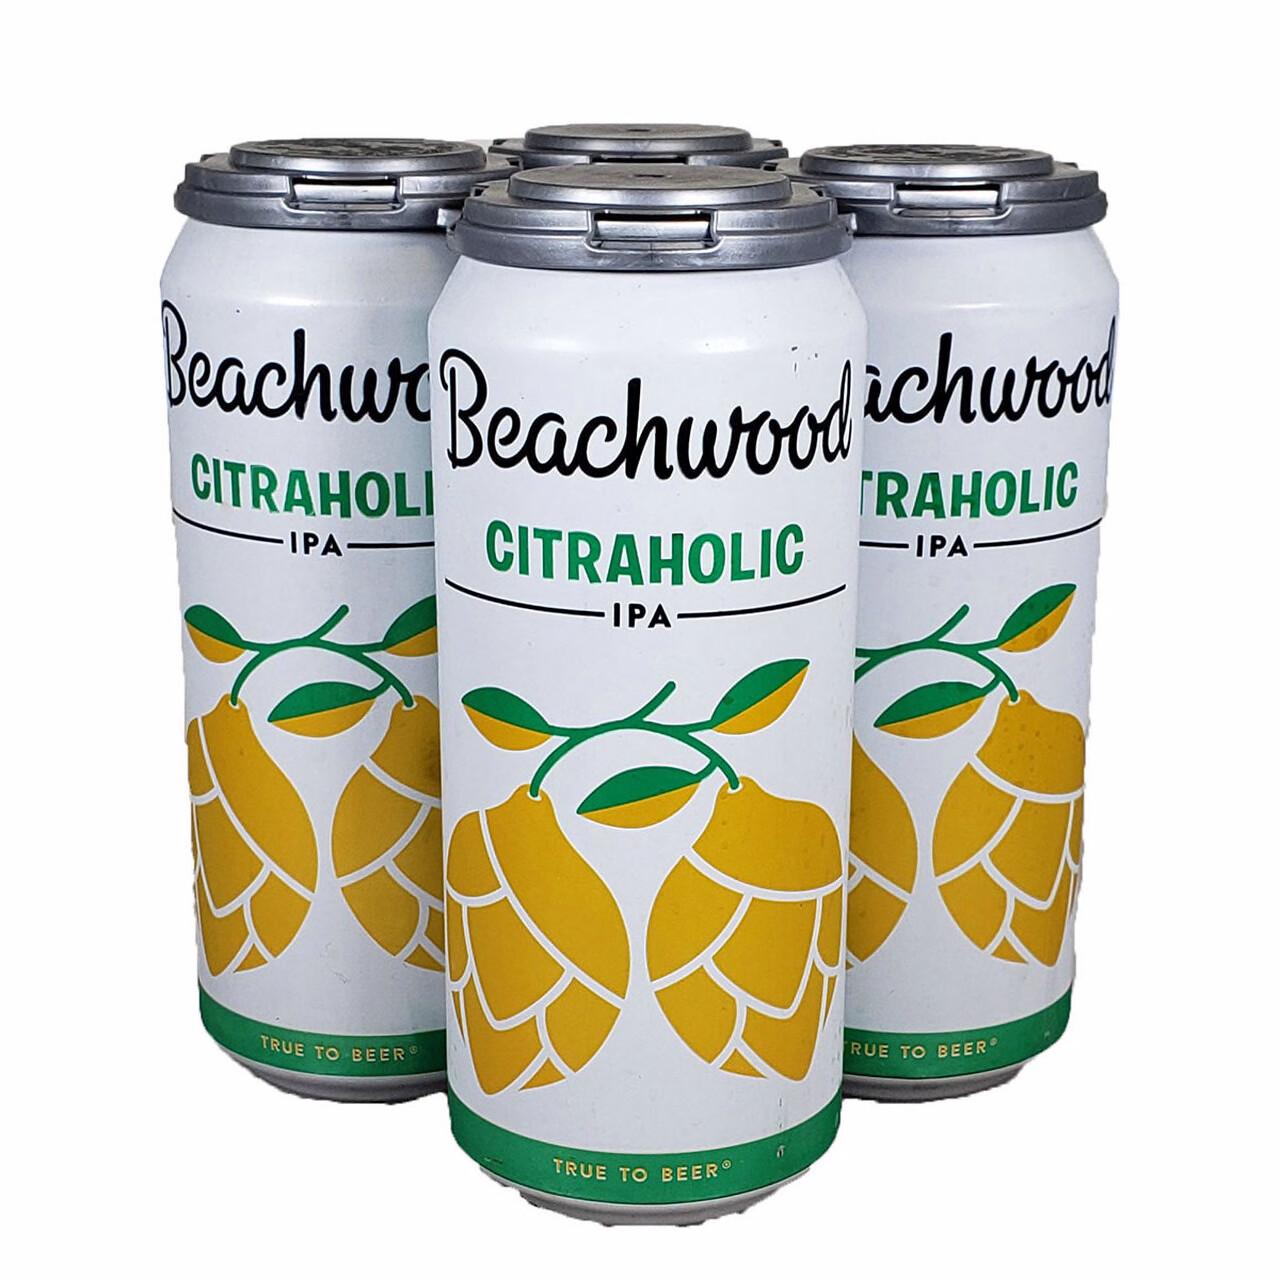 Beachwood Citraholic